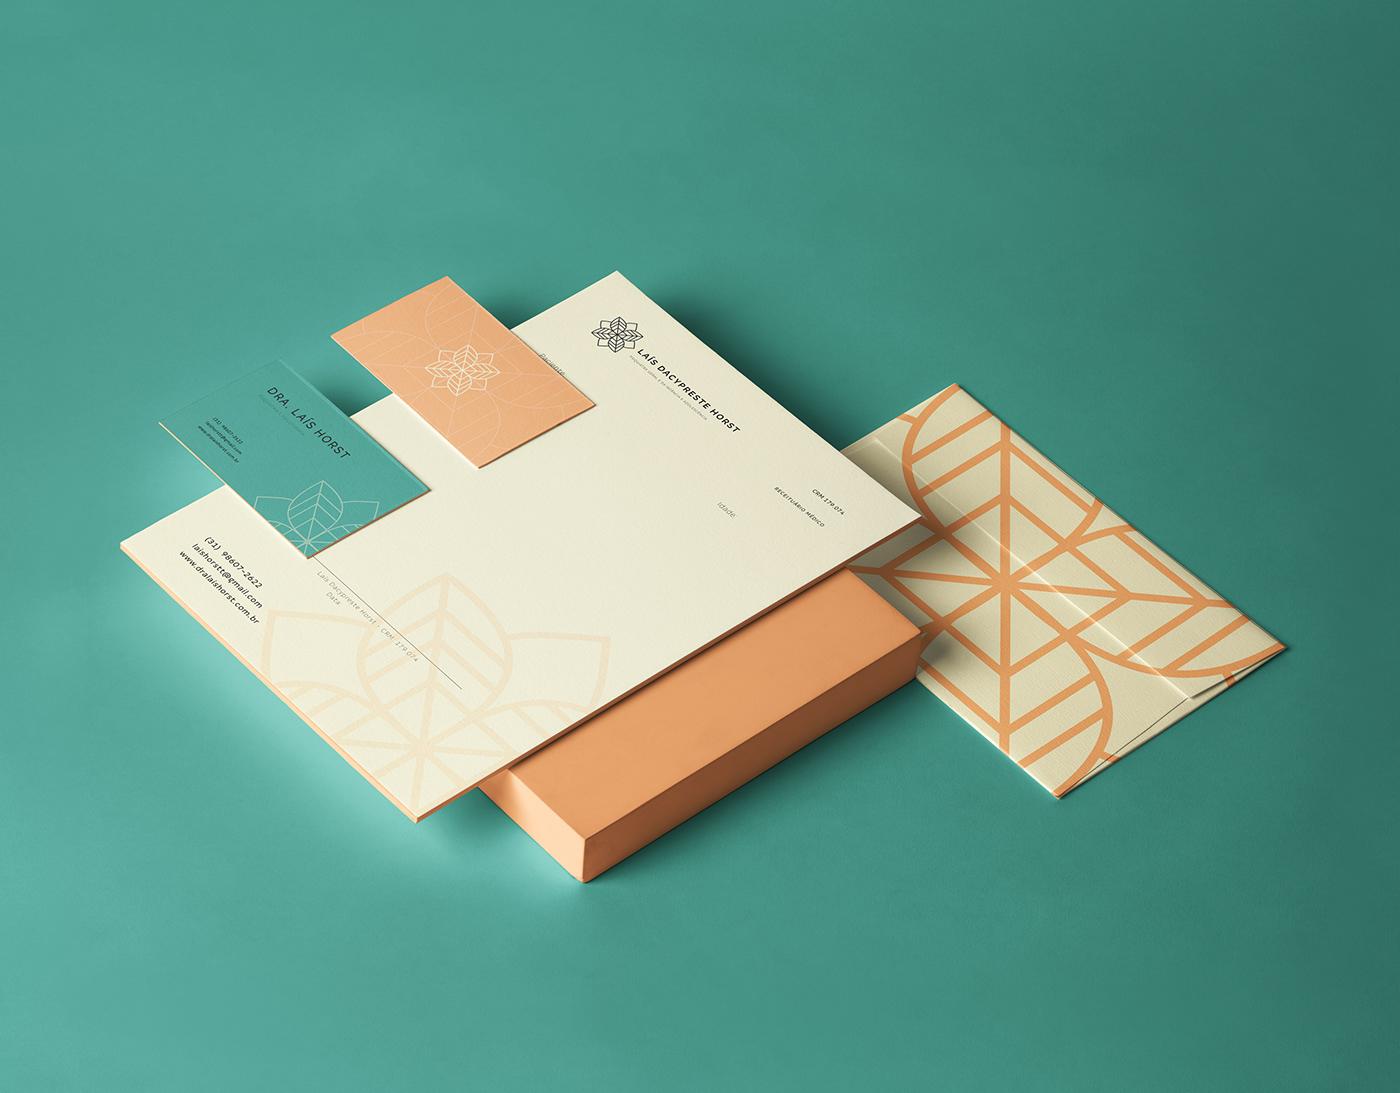 Mockup de itens de papelaria personalizados para a marca